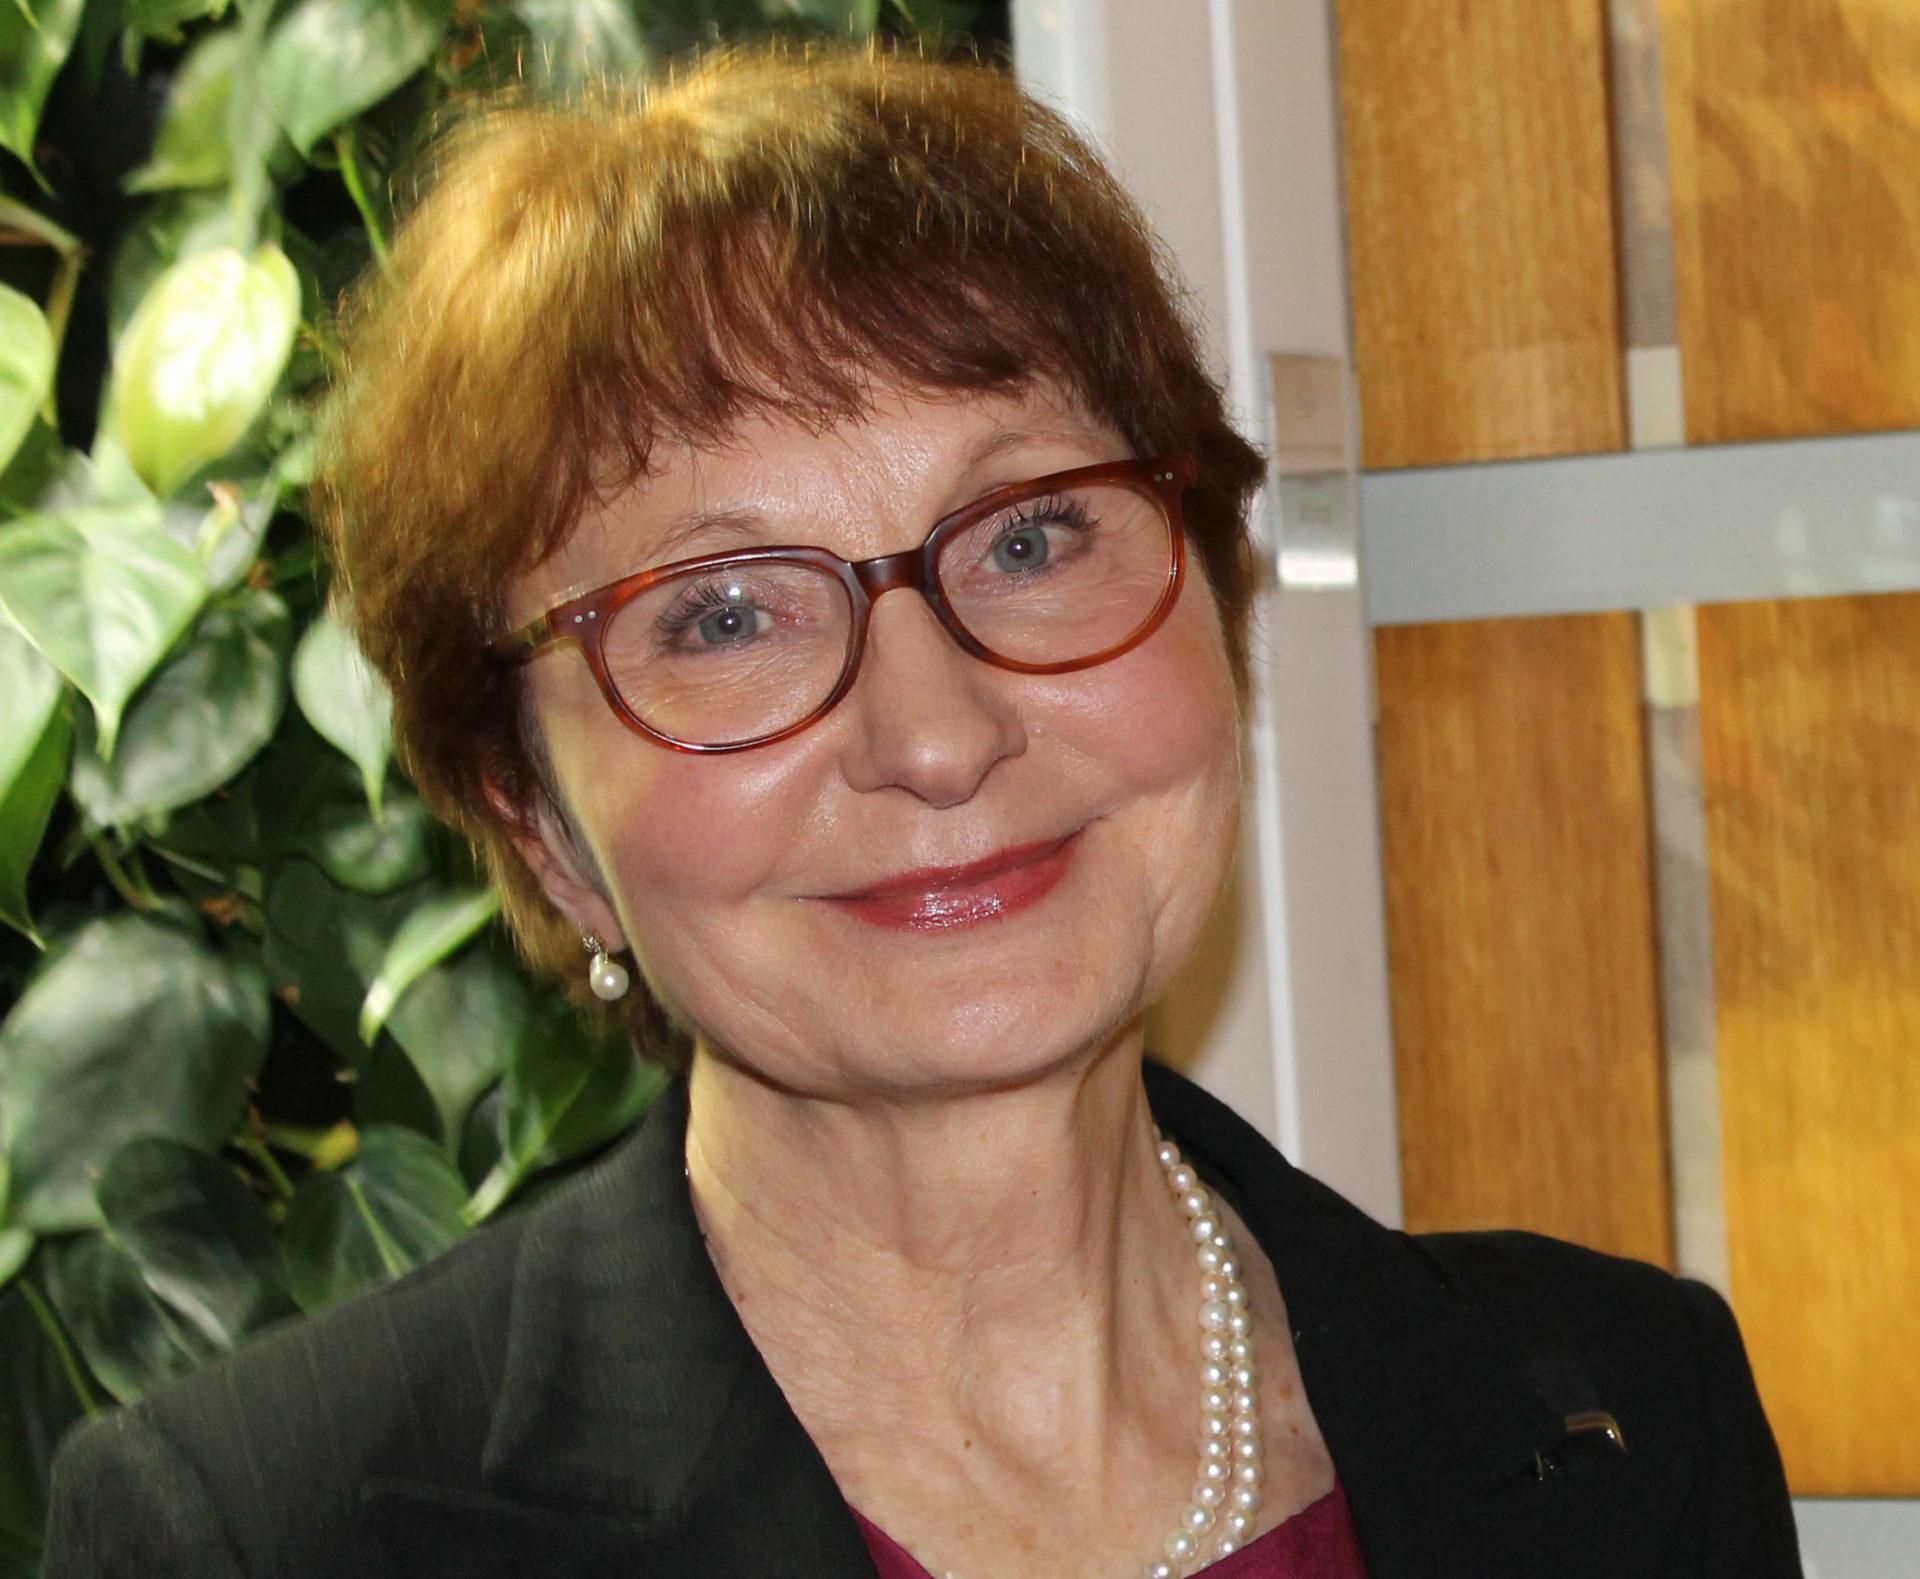 Annette Kur 2016, photo Päivi Helander